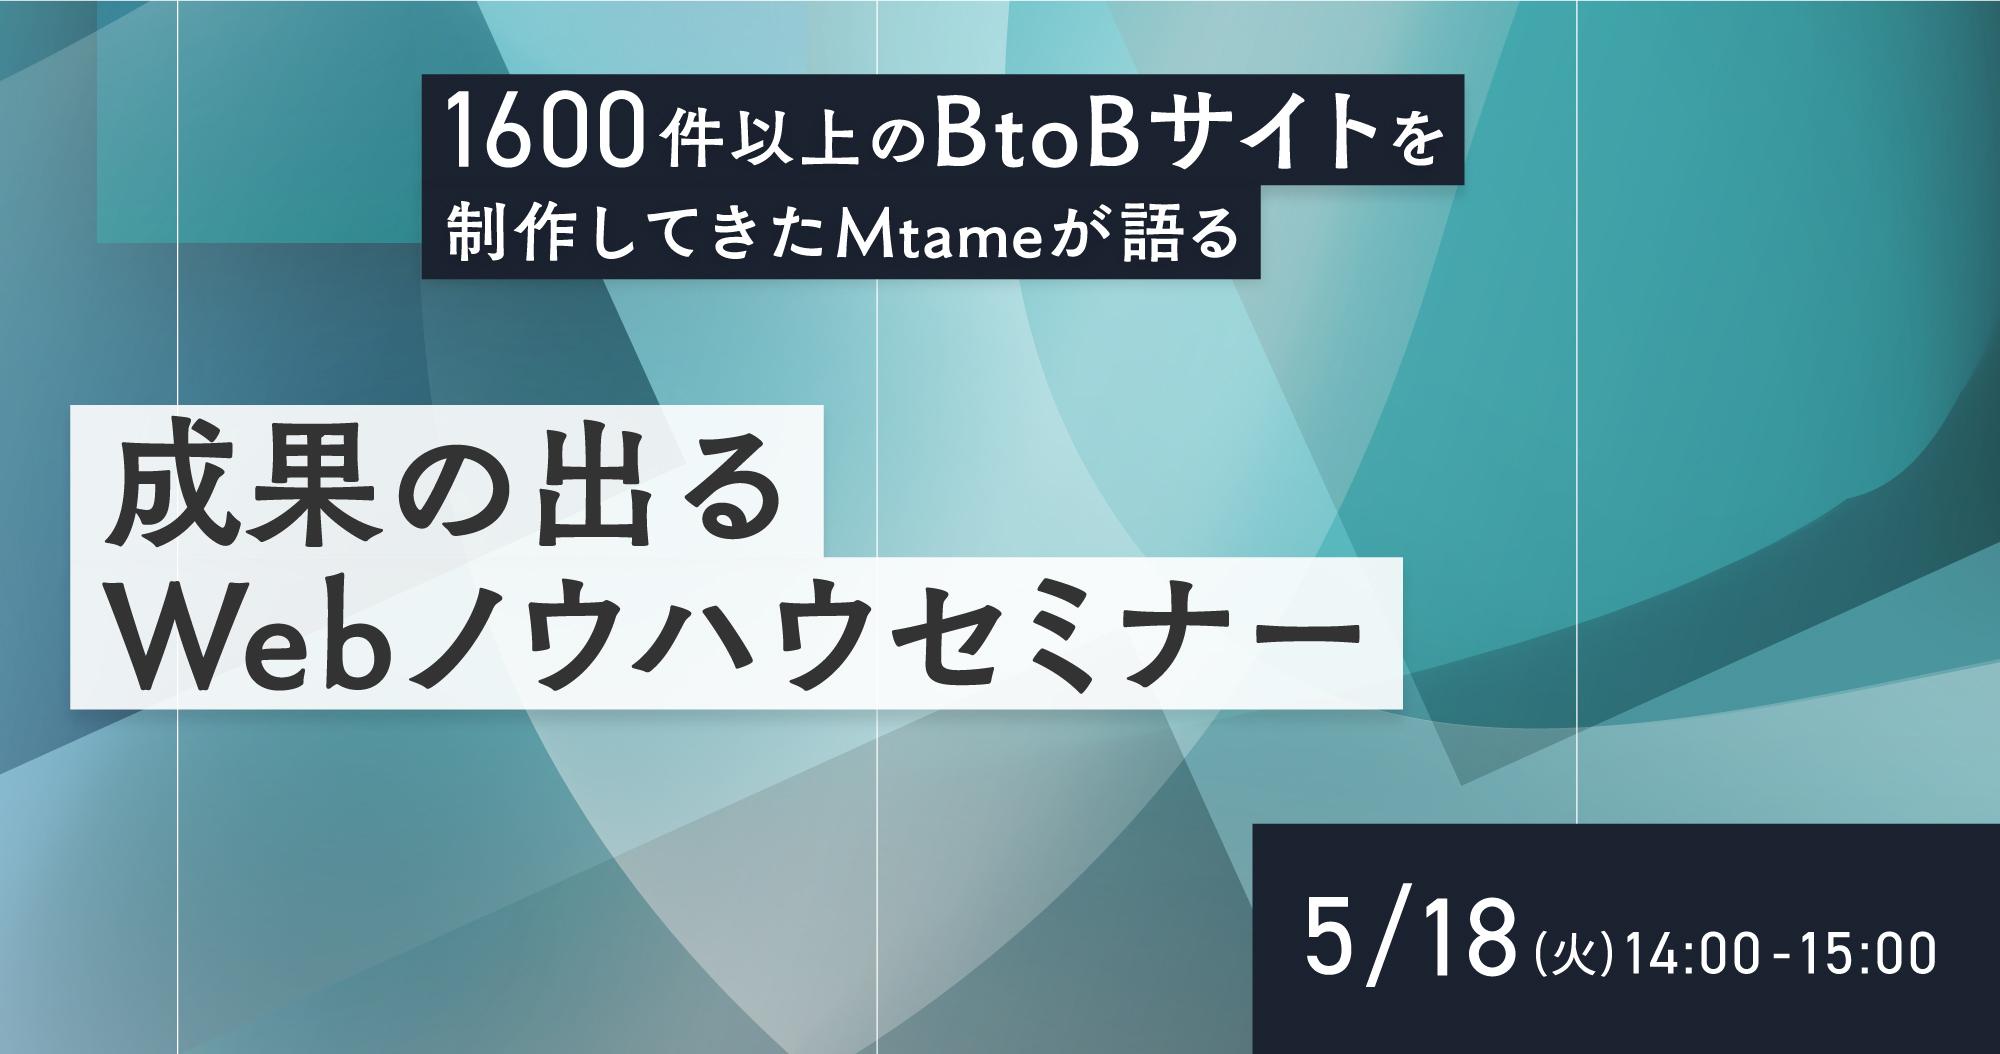 【5月25日(火)】[業界シェア1位のSaaSを生み出した会社が教える]予算・フェーズ別で成果をあげるデジタルマーケティングTipsウェビナー